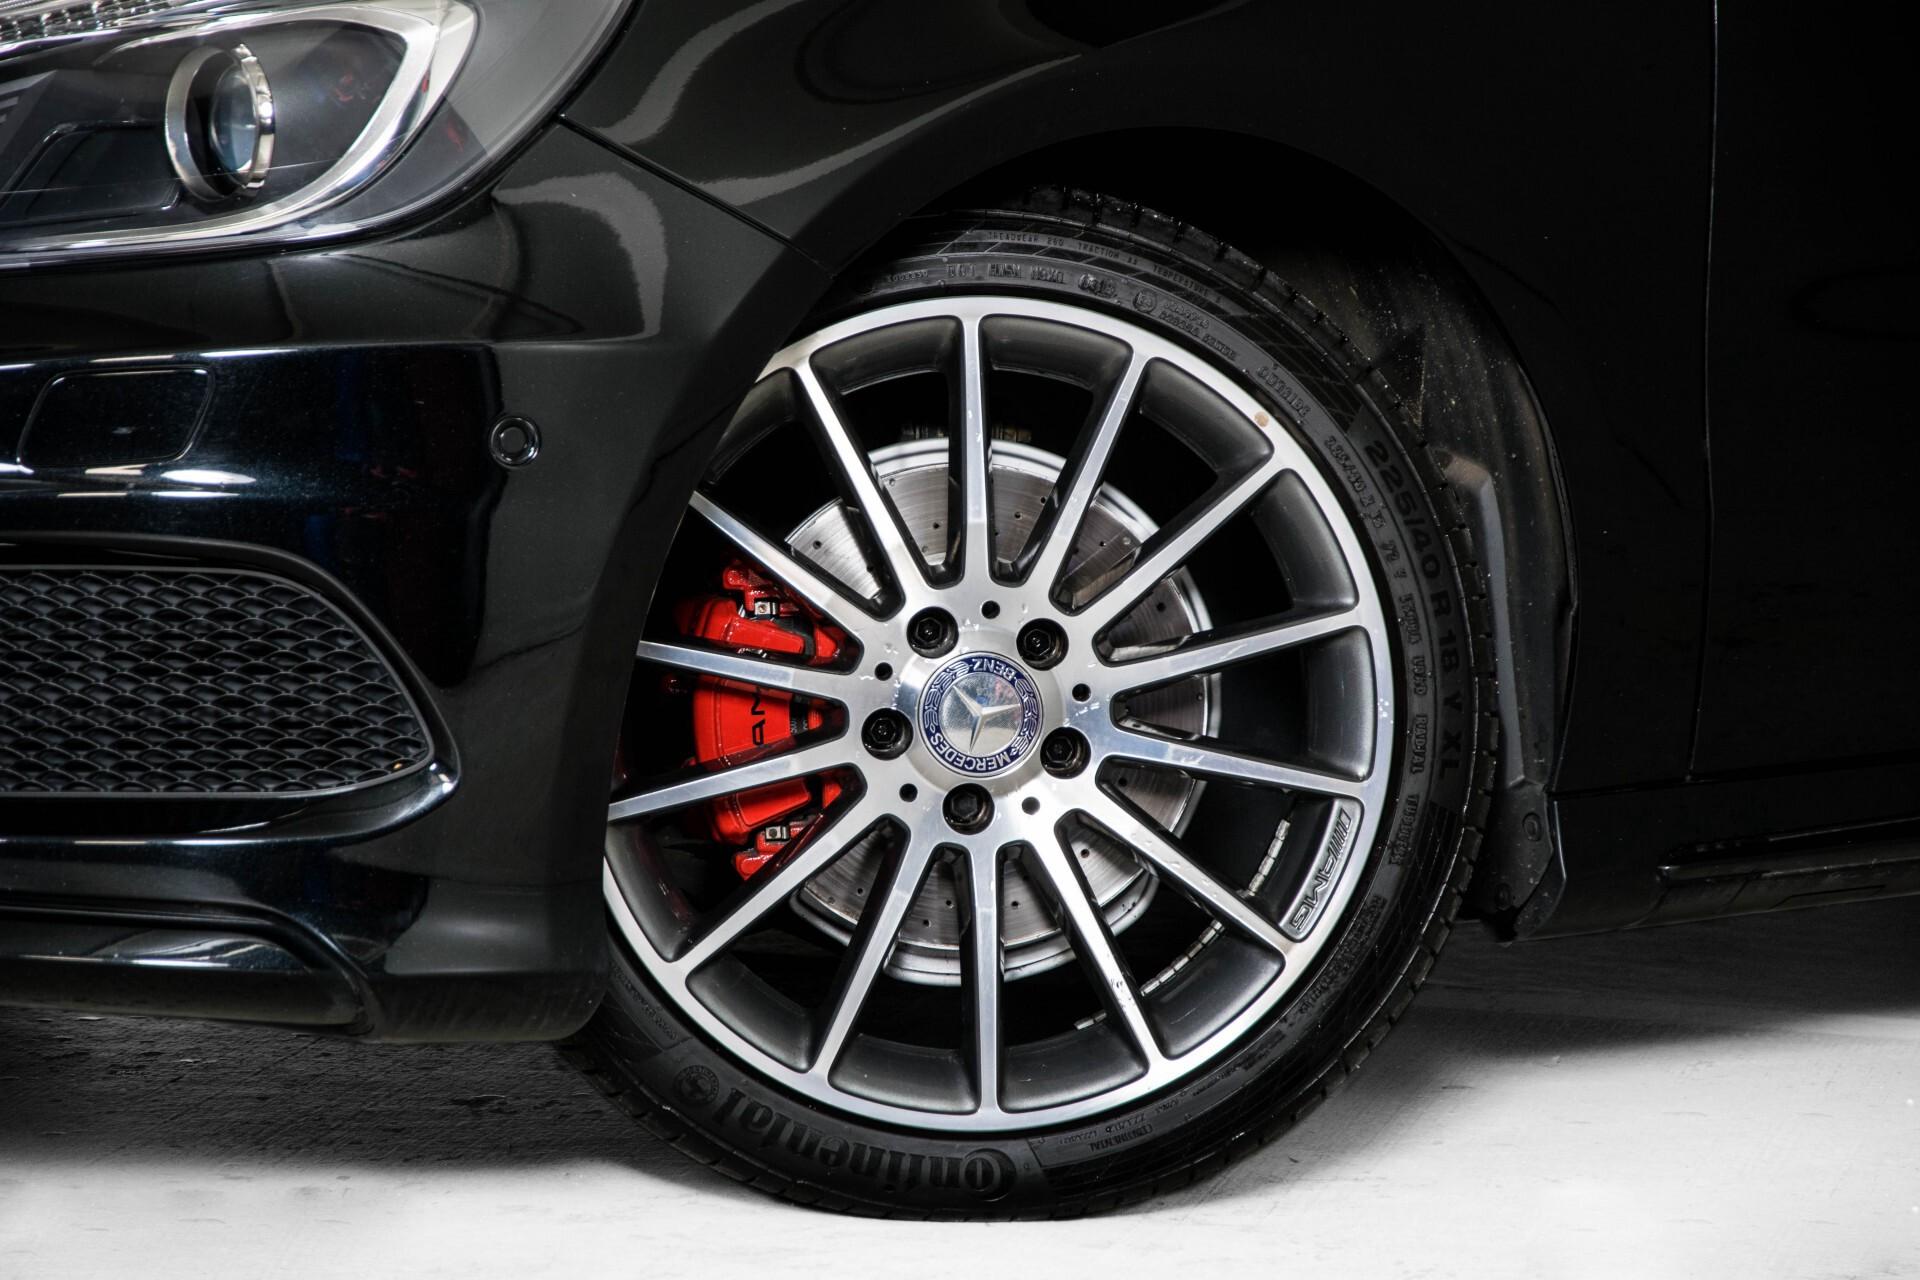 Mercedes-Benz A-Klasse 180 Cdi AMG Panorama Bi-xenon/Navi/PTS Aut7 Foto 33